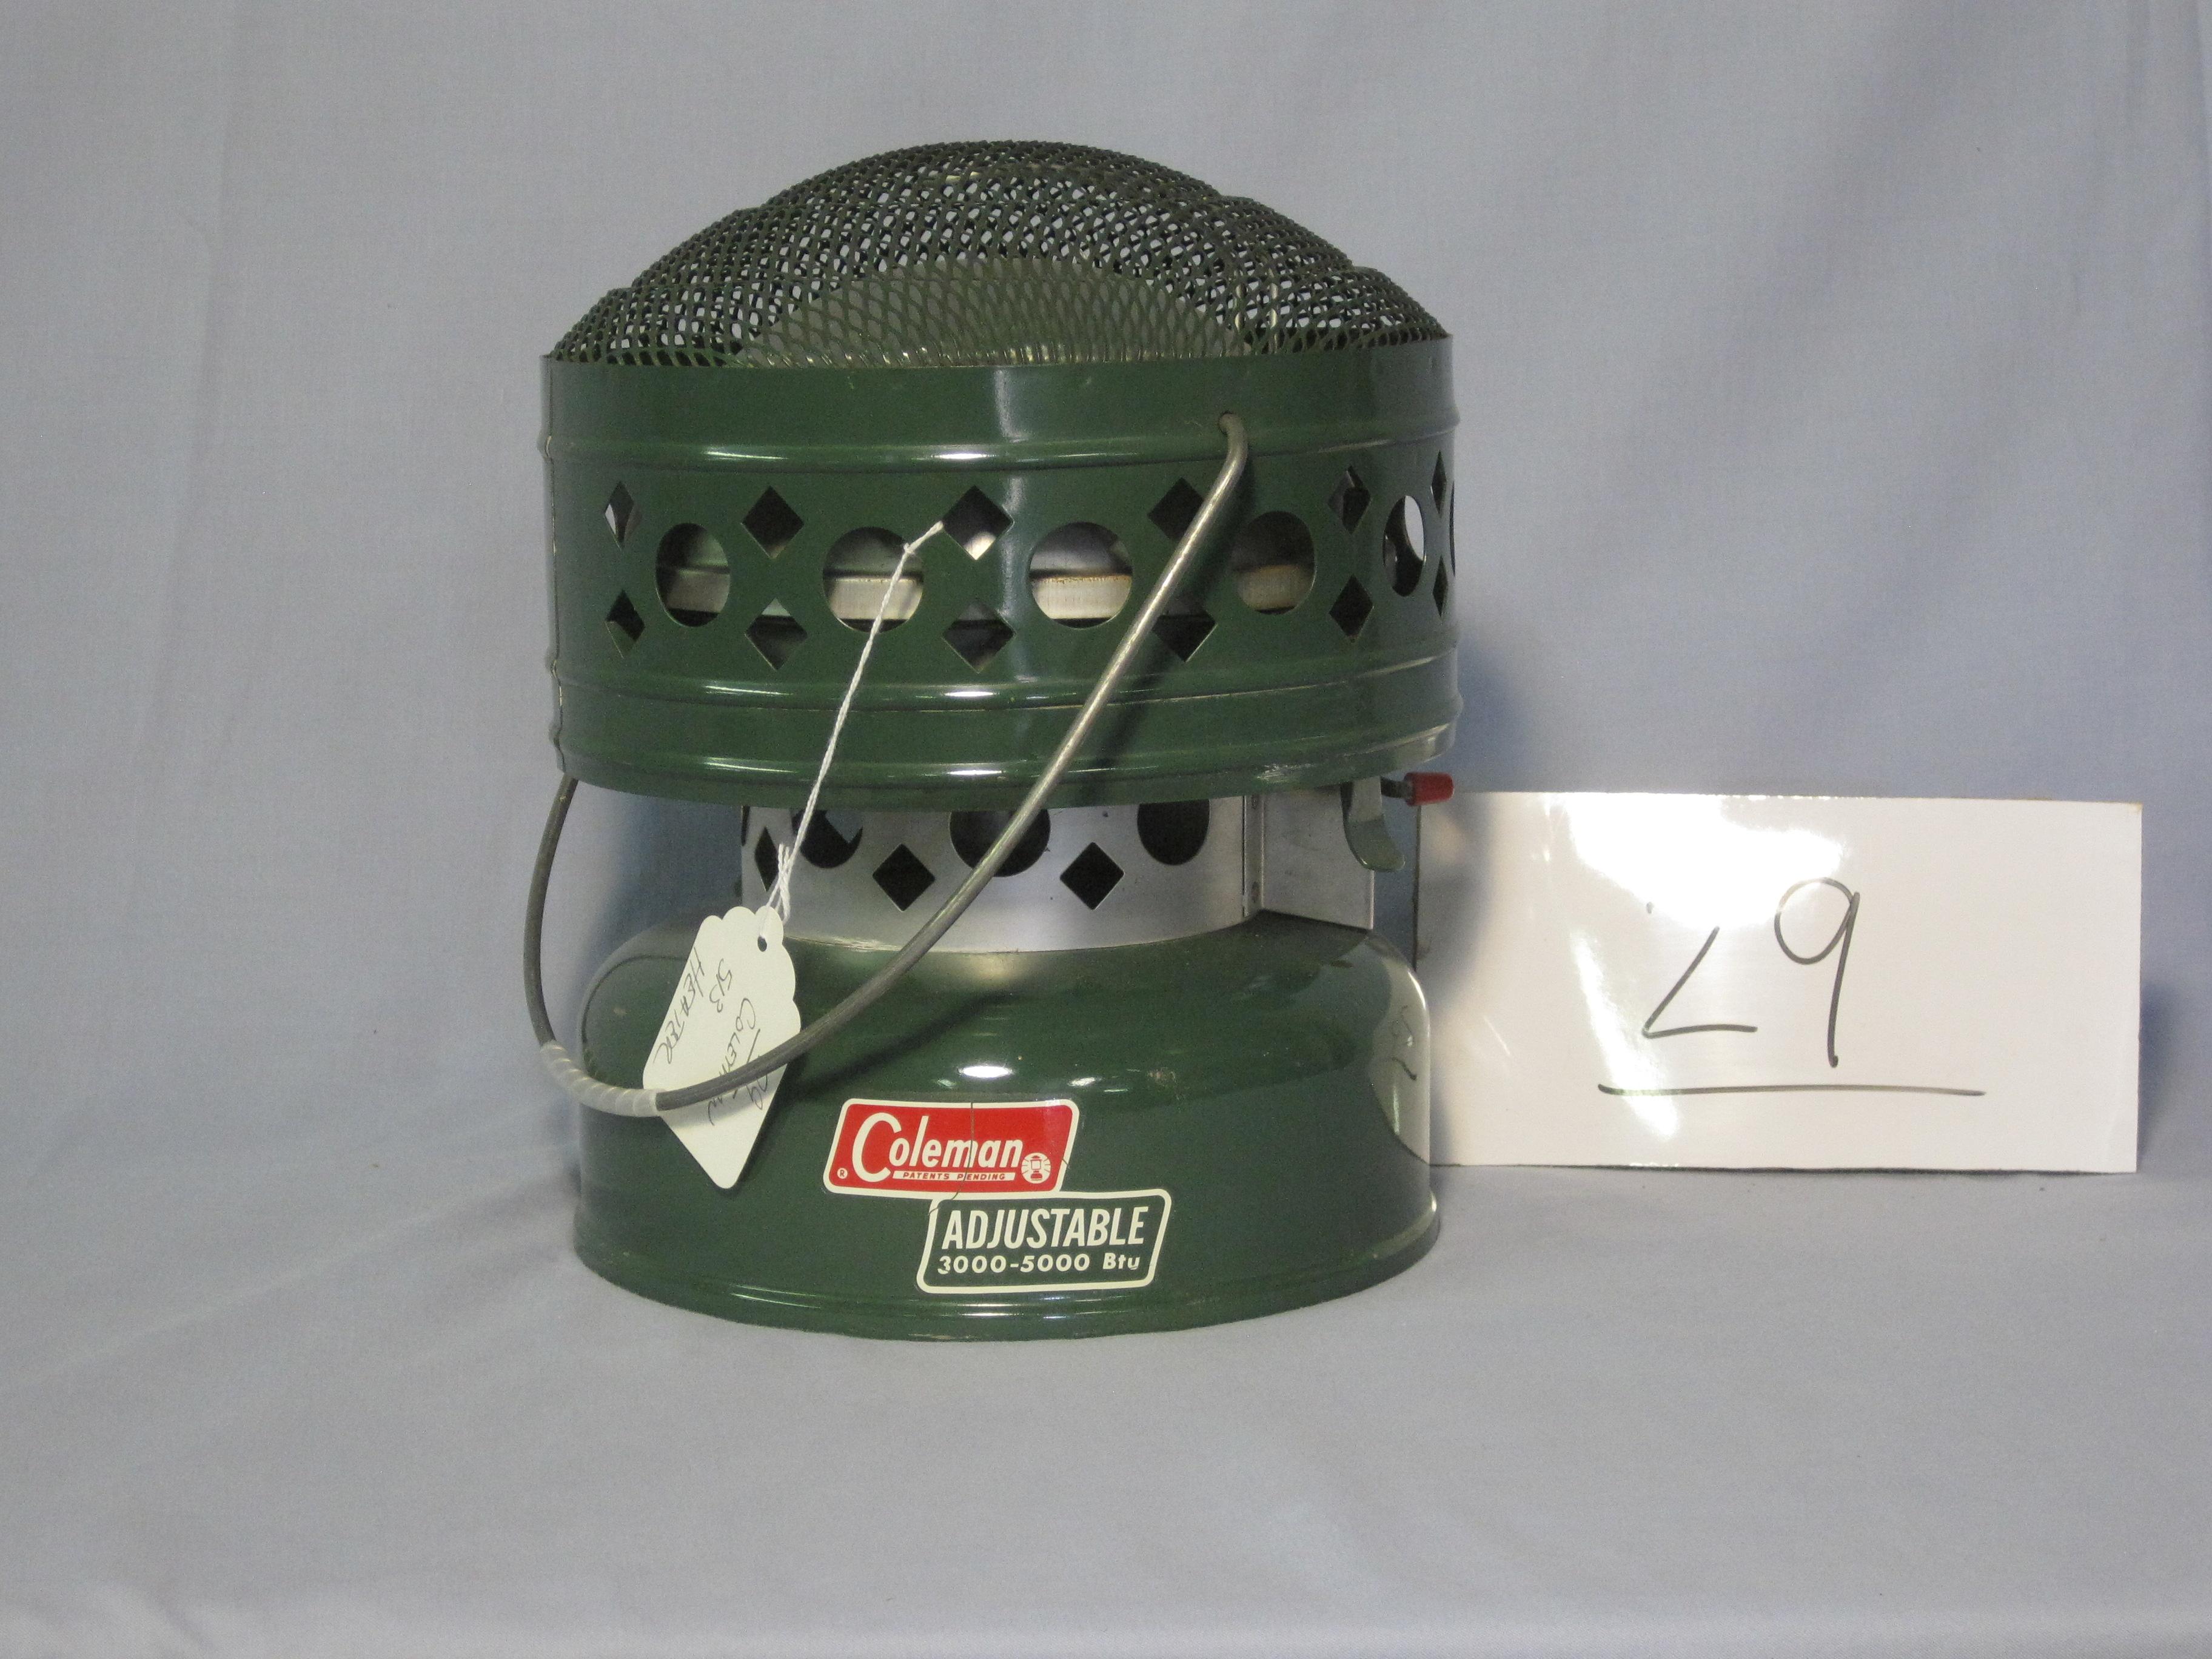 Coleman catalytic heater 513